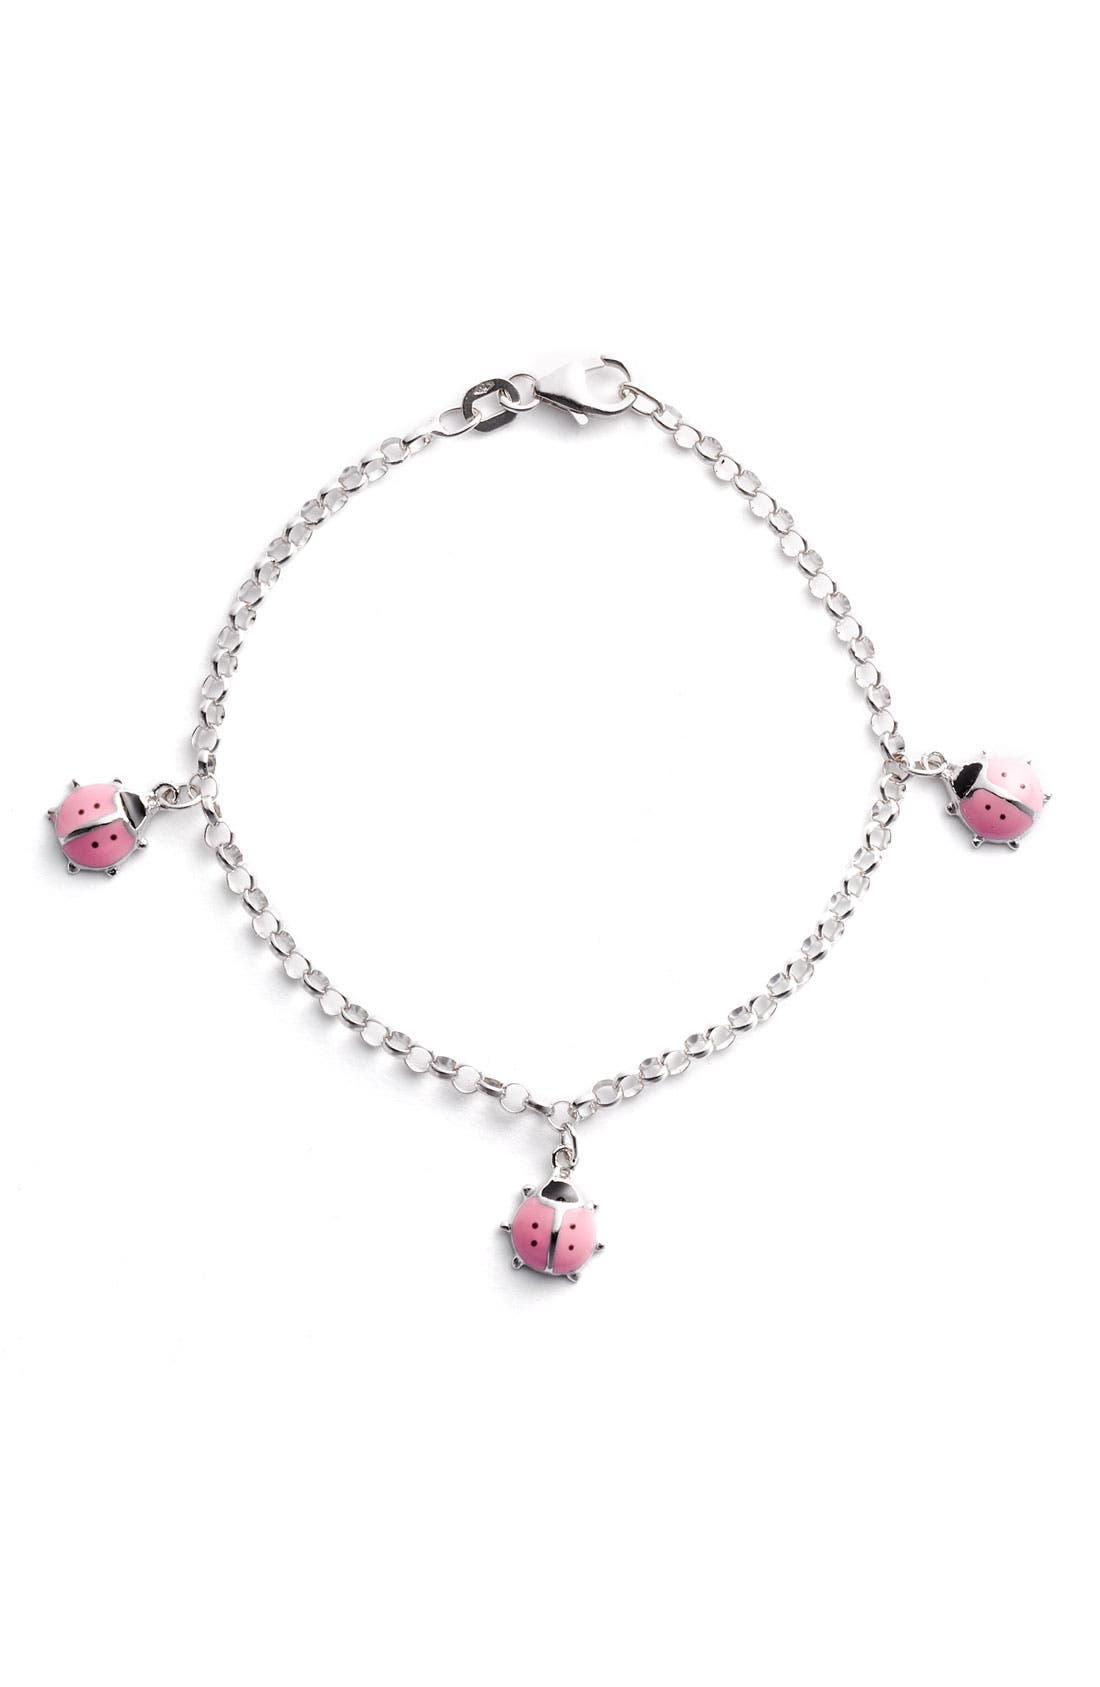 Alternate Image 1 Selected - Marathon Ladybug Charm Bracelet (Infant)